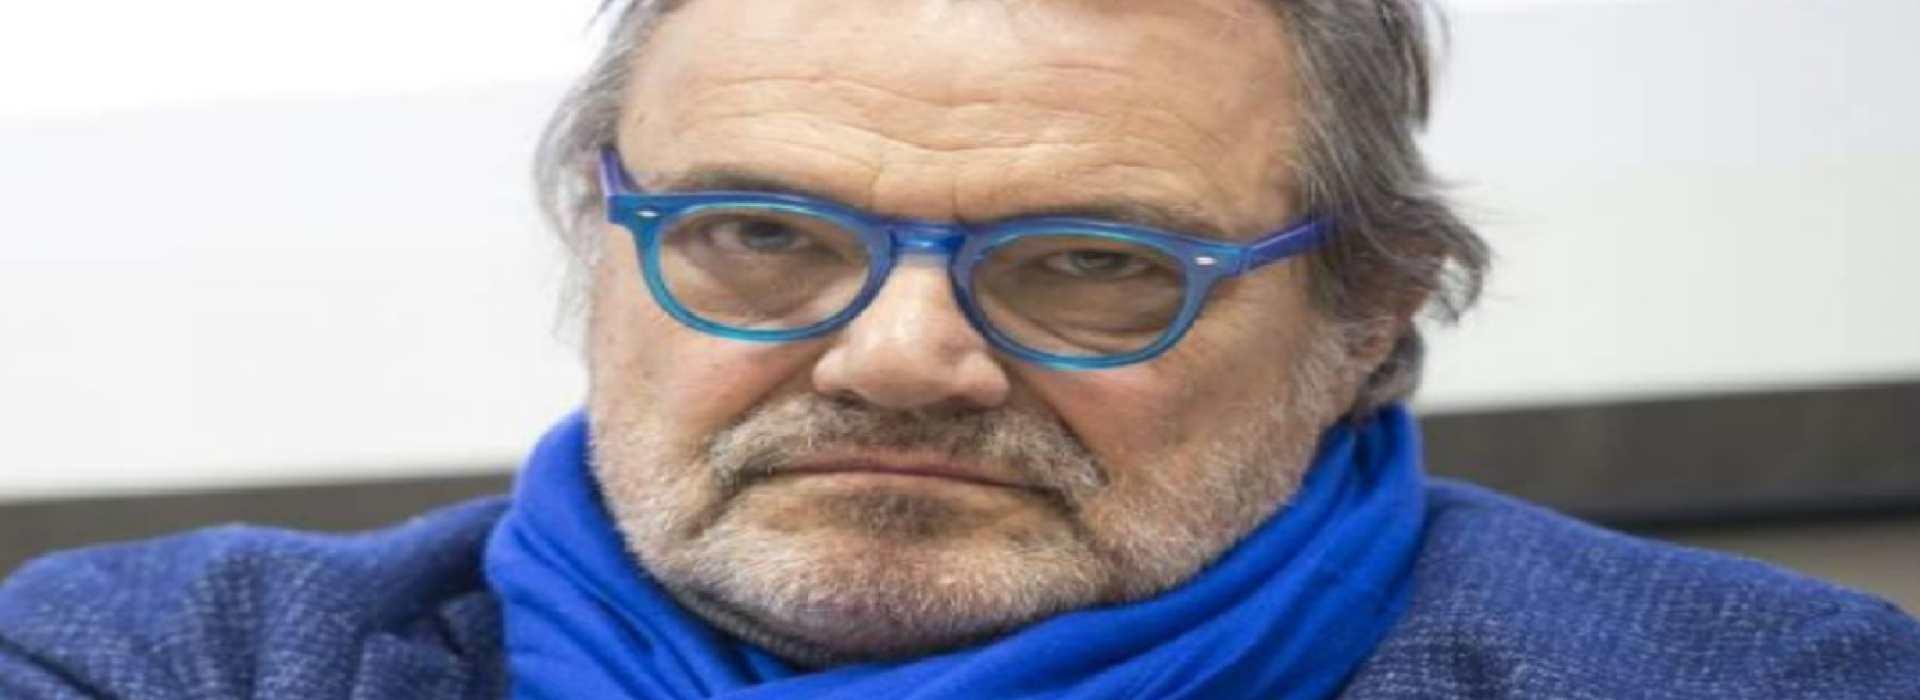 """Toscani licenziato dai Benetton per la frase sul ponte Morandi. Lui: """"sono distrutto"""""""